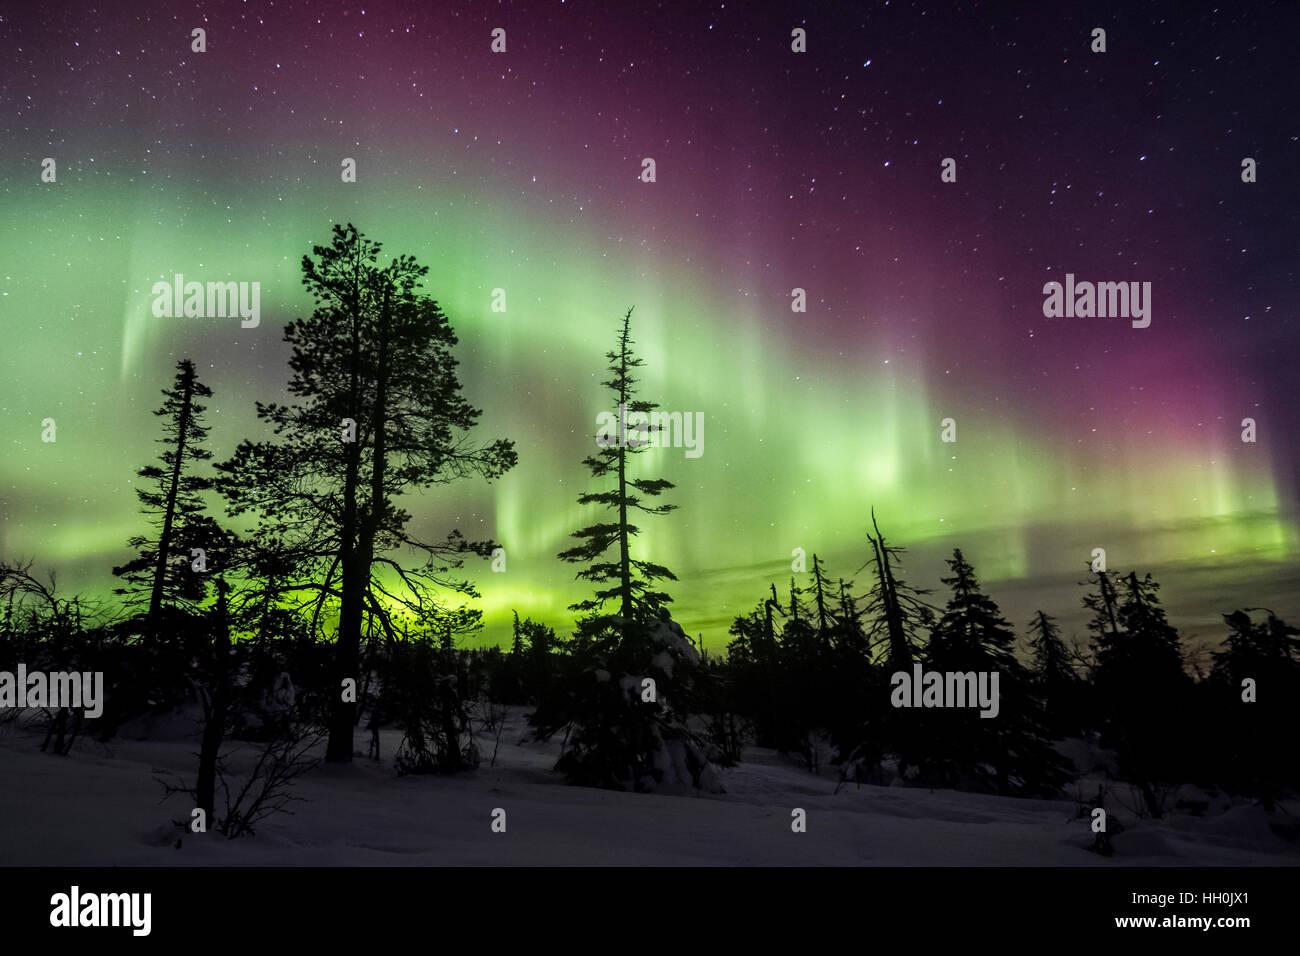 Las luces del norte en el Parque Nacional de Riisitunturi, Finlandia Imagen De Stock